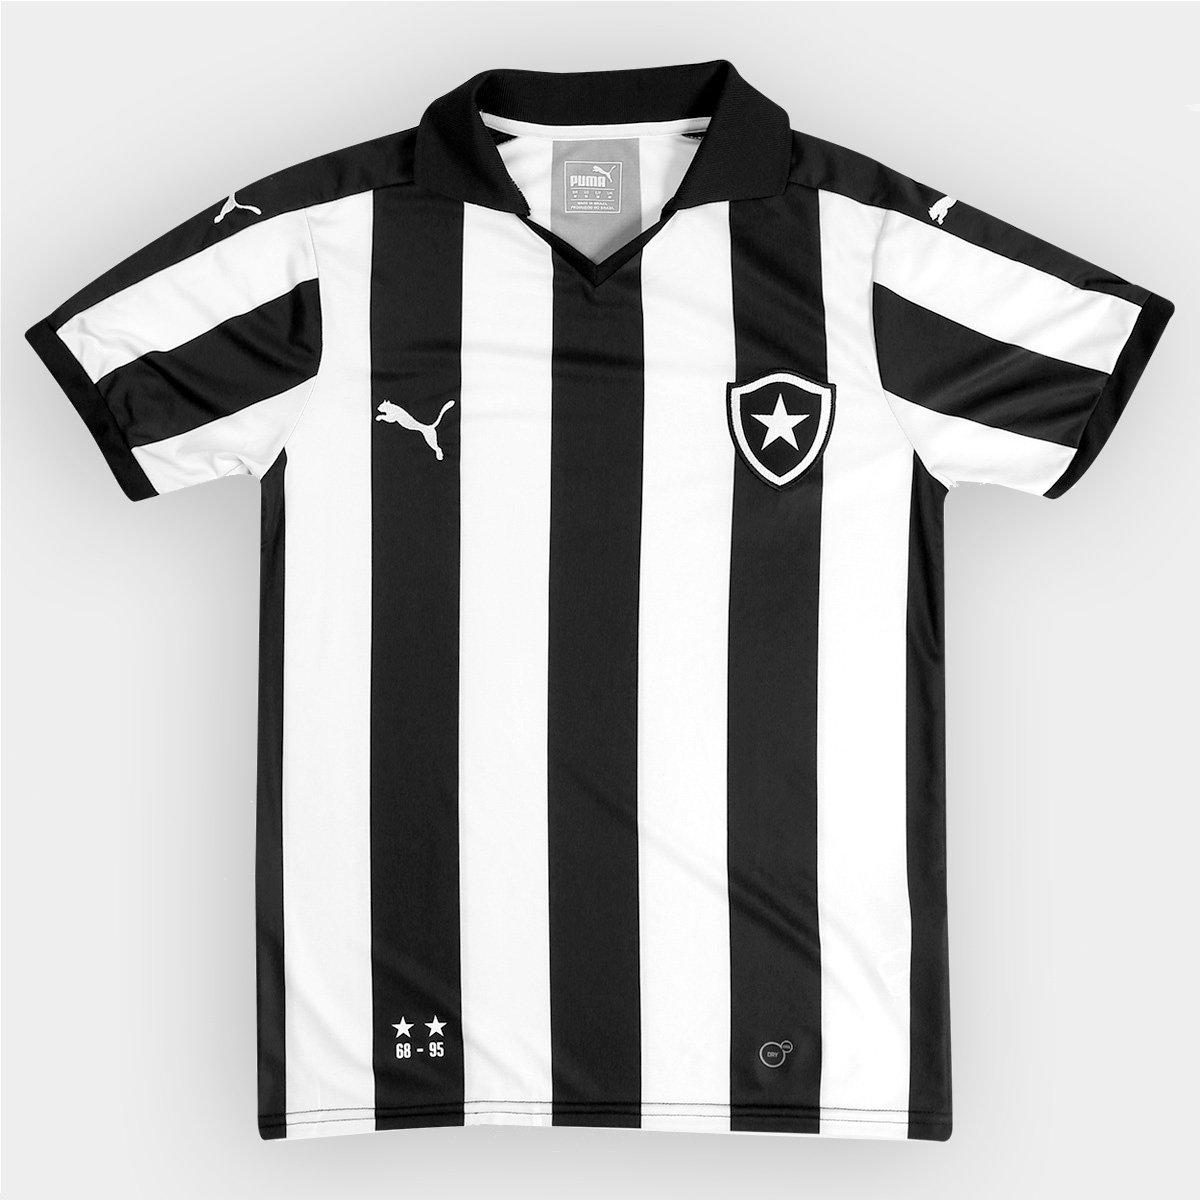 Camisa Botafogo I 15 16 s nº Torcedor Puma Masculina - Compre Agora ... 927f9c75f7ce5